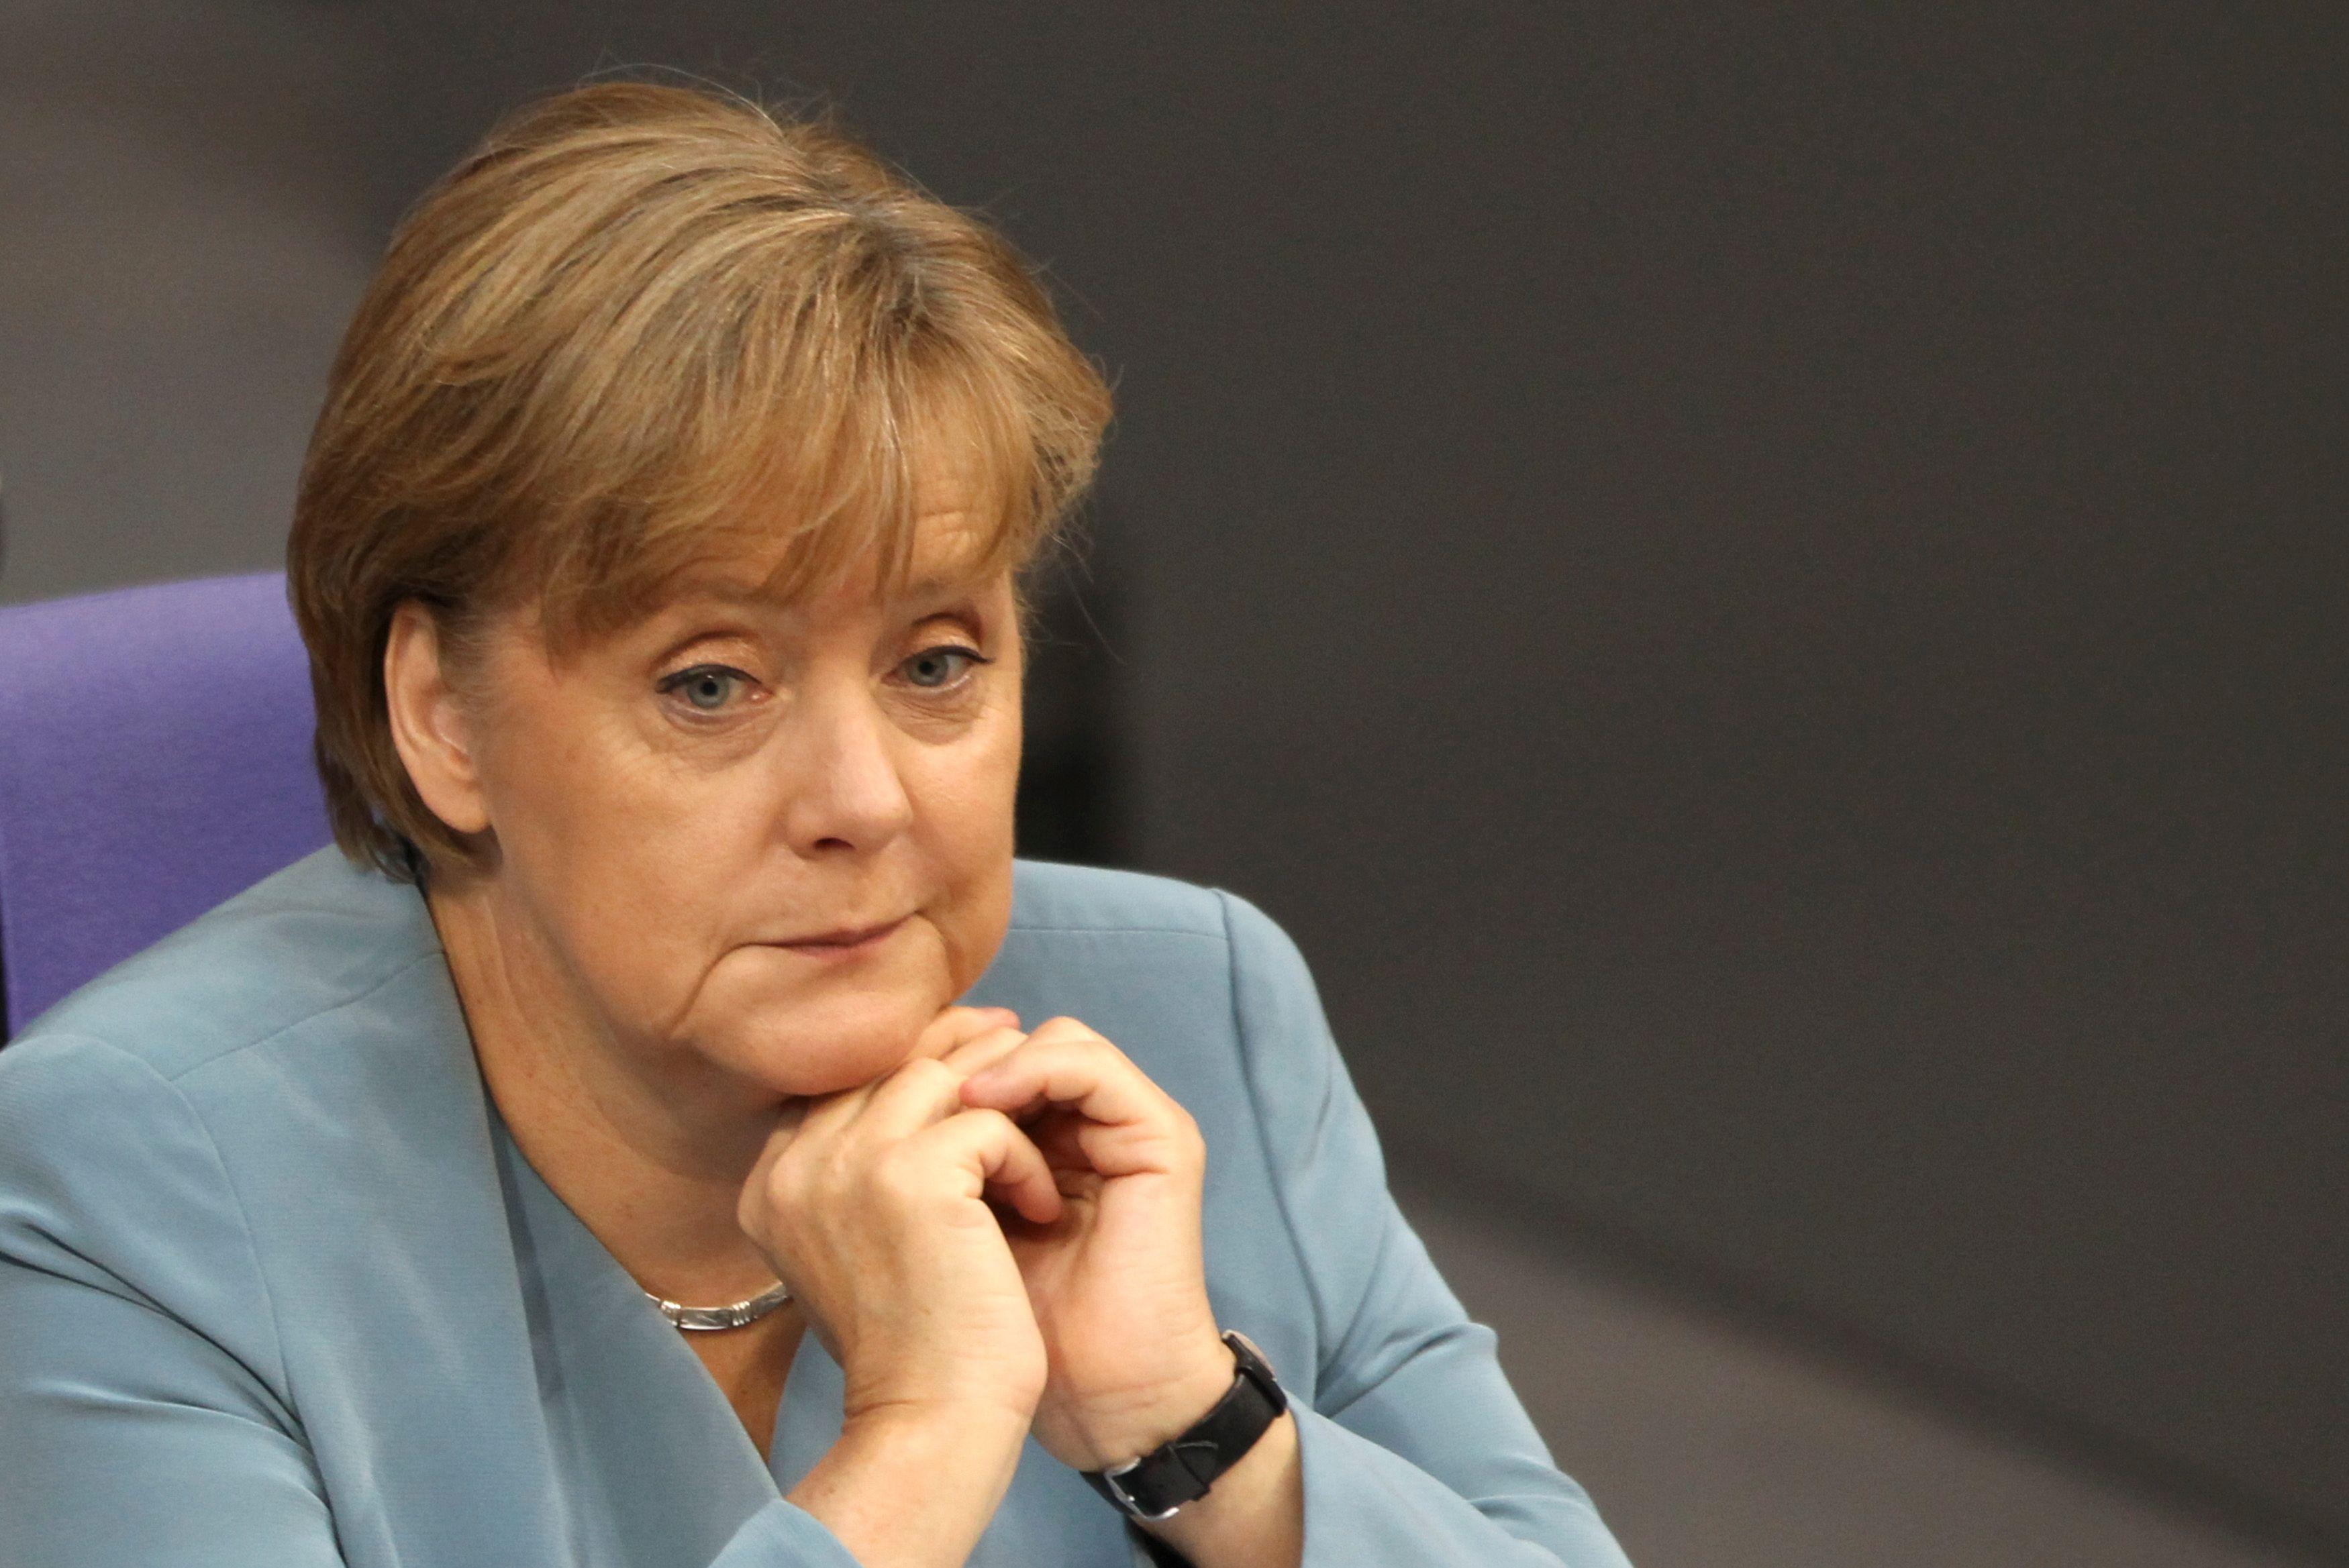 Avec plus de 50 % de ses ventes pour la zone euro, l'Allemagne va-t-elle, à son tour, être touchée par la crise de la zone euro ?